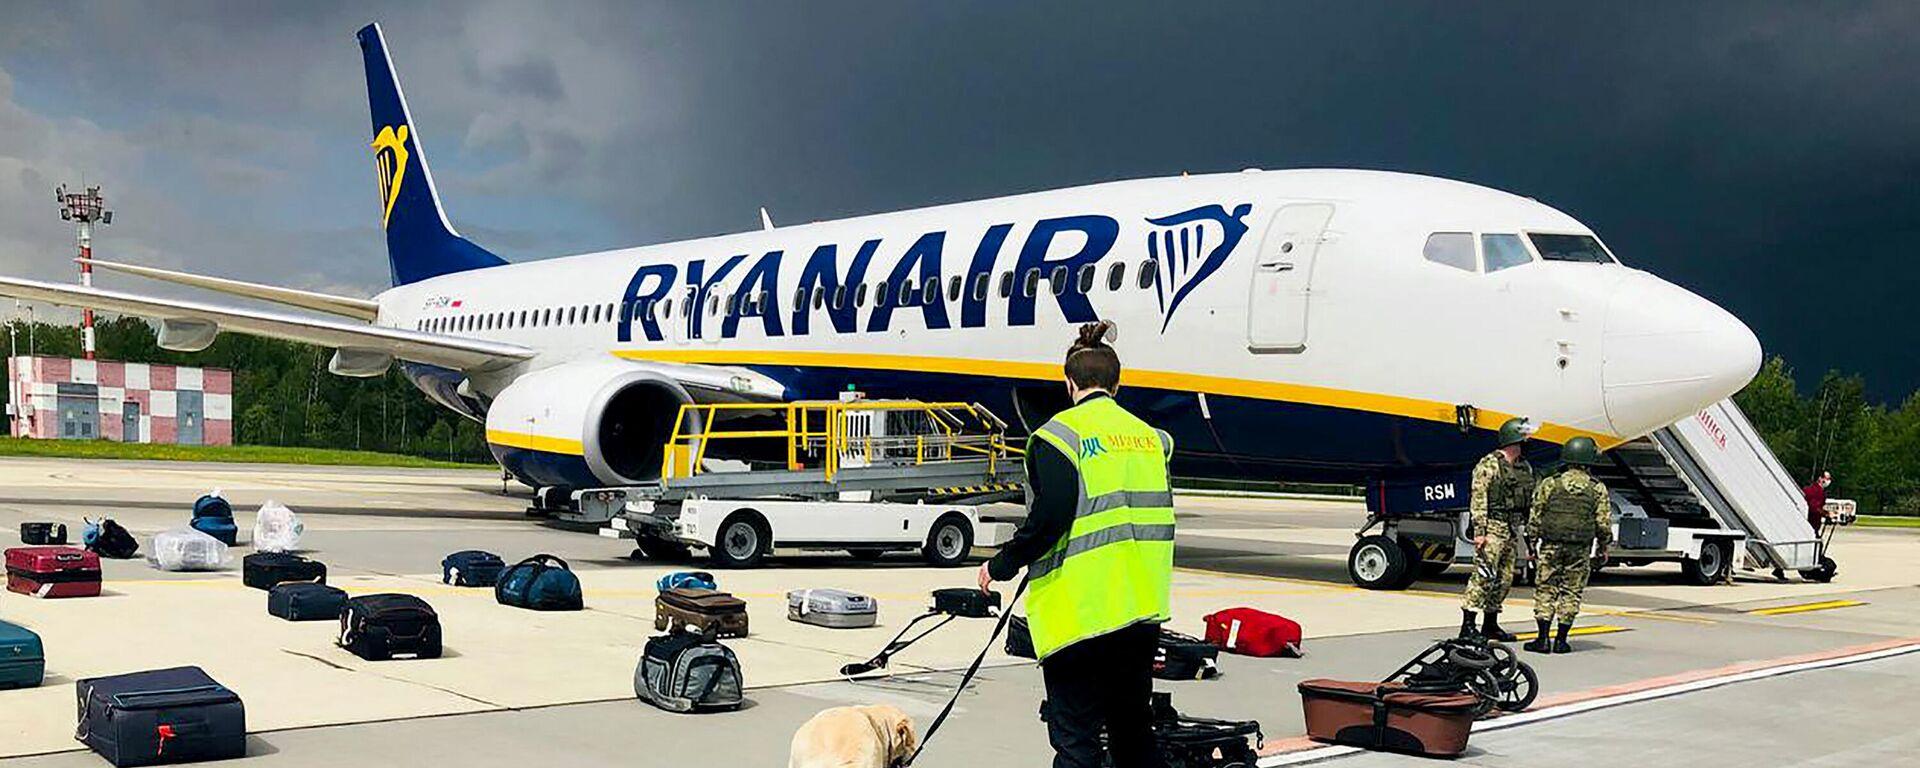 Auf diesem Aktenfoto überprüft der belarussische Sicherheitsdienst das Gepäck der Ryanair Boeing 737-8AS (Flugnummer FR4978), die am 23. Mai 2021 auf dem Vorfeld des internationalen Flughafens Minsk in Minsk landete.  - SNA, 1920, 26.05.2021